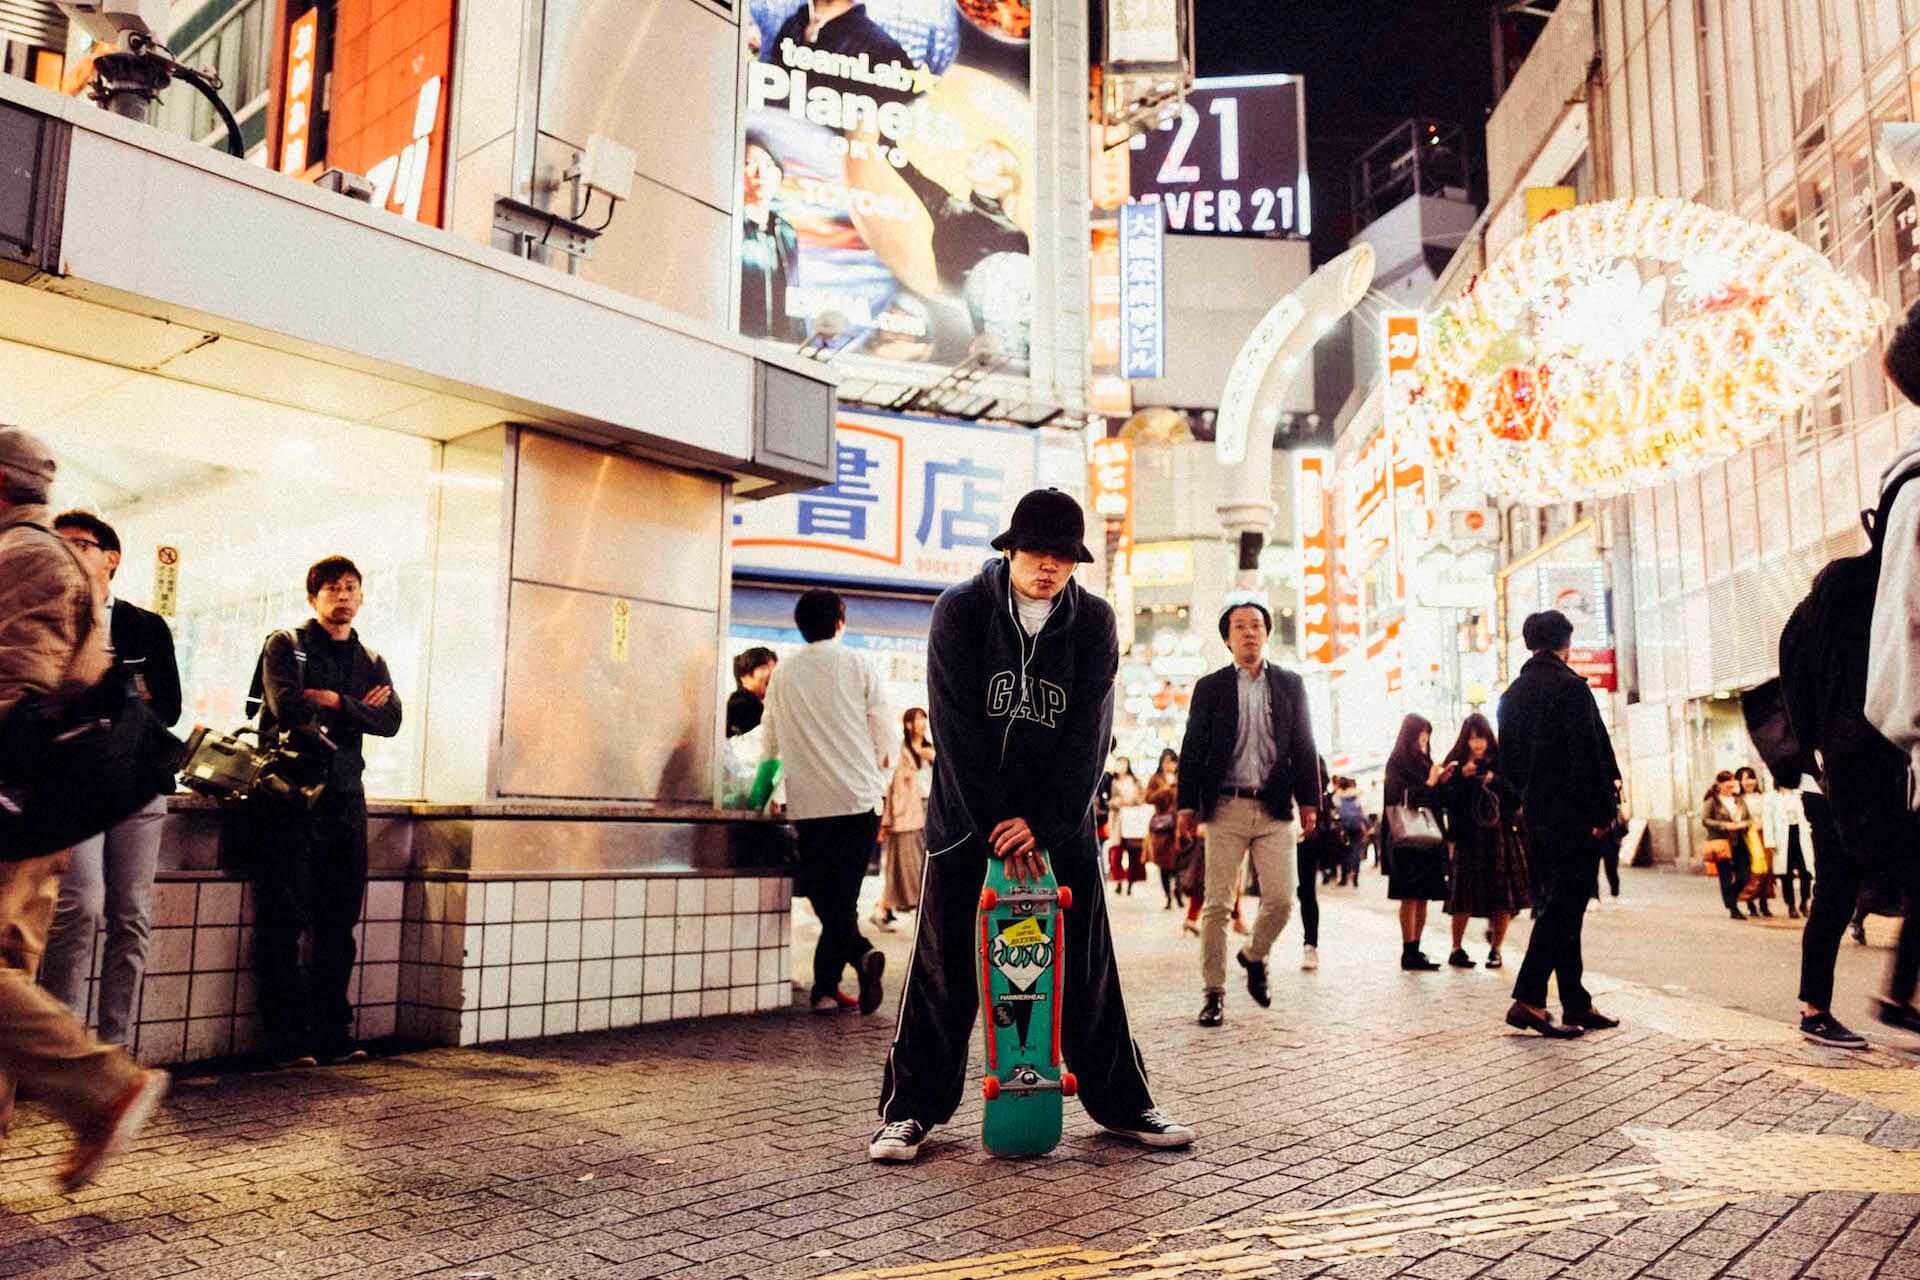 高岩遼のモノローグ|『10』リリースライブに向けて ryo-takaiwa101210-7